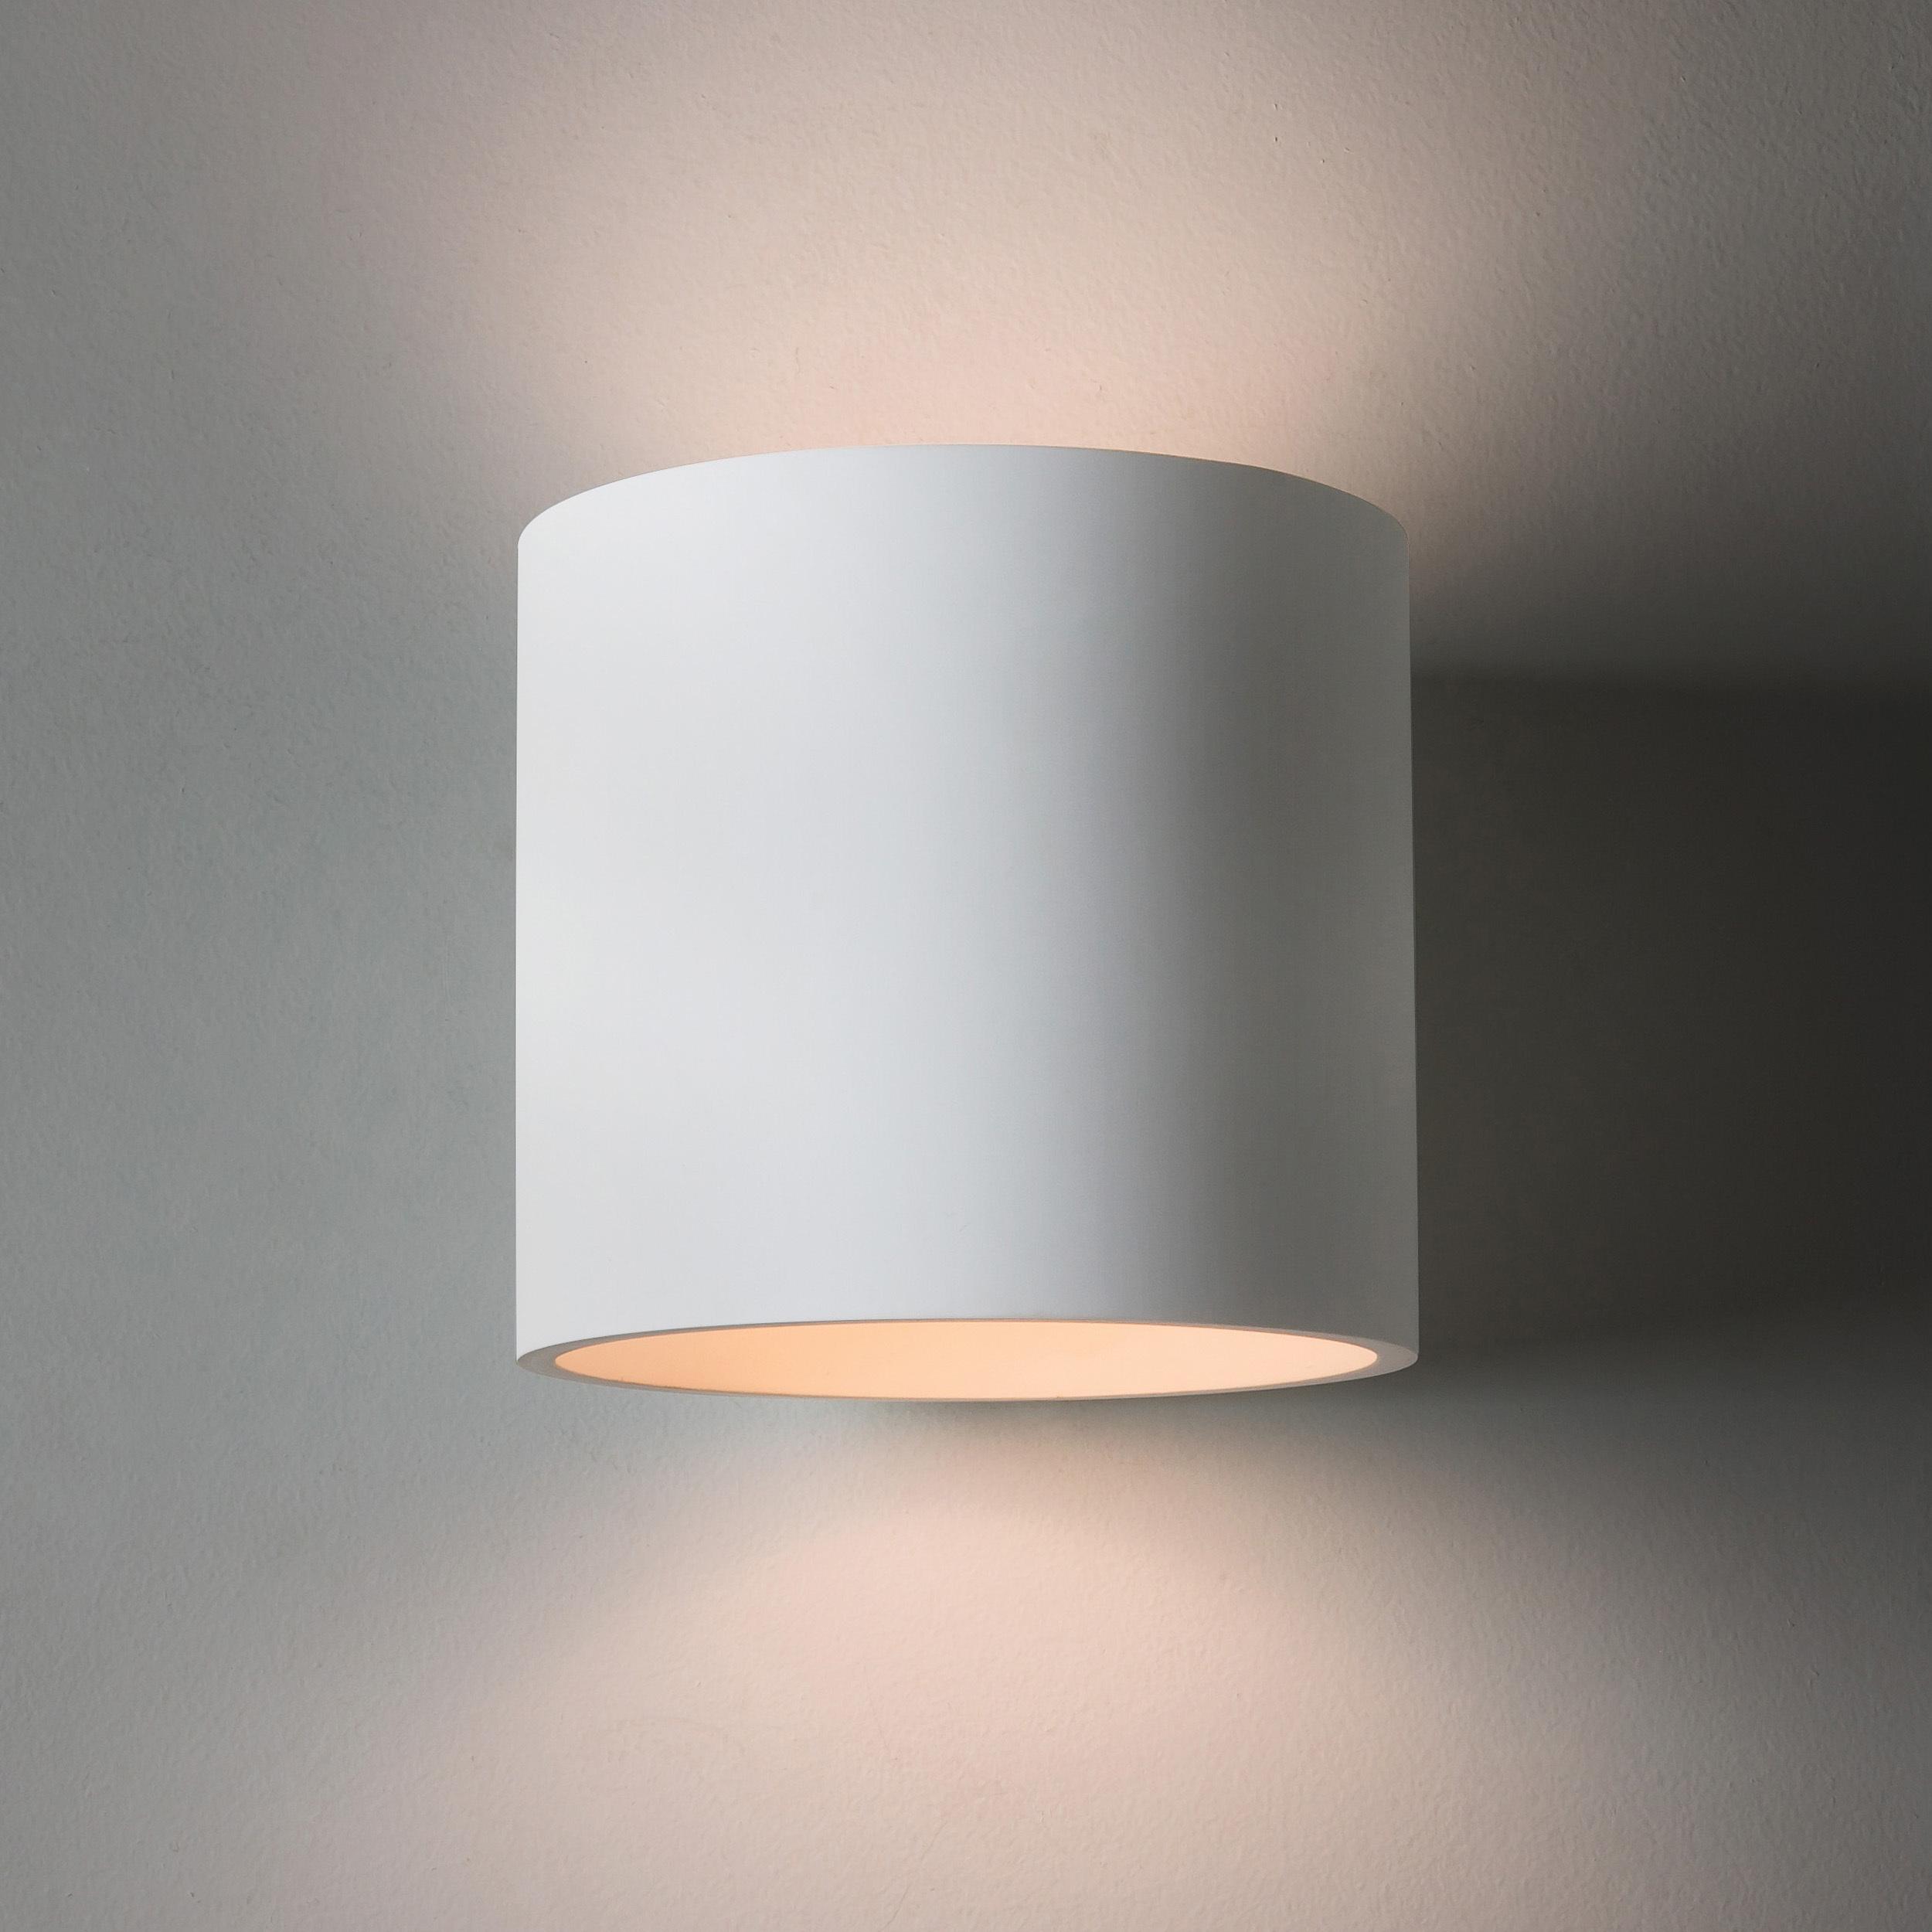 Настенный светильник Astro Brenta 1195003 (7261), 1xE27x60W, белый, под покраску, металл, гипс - фото 2